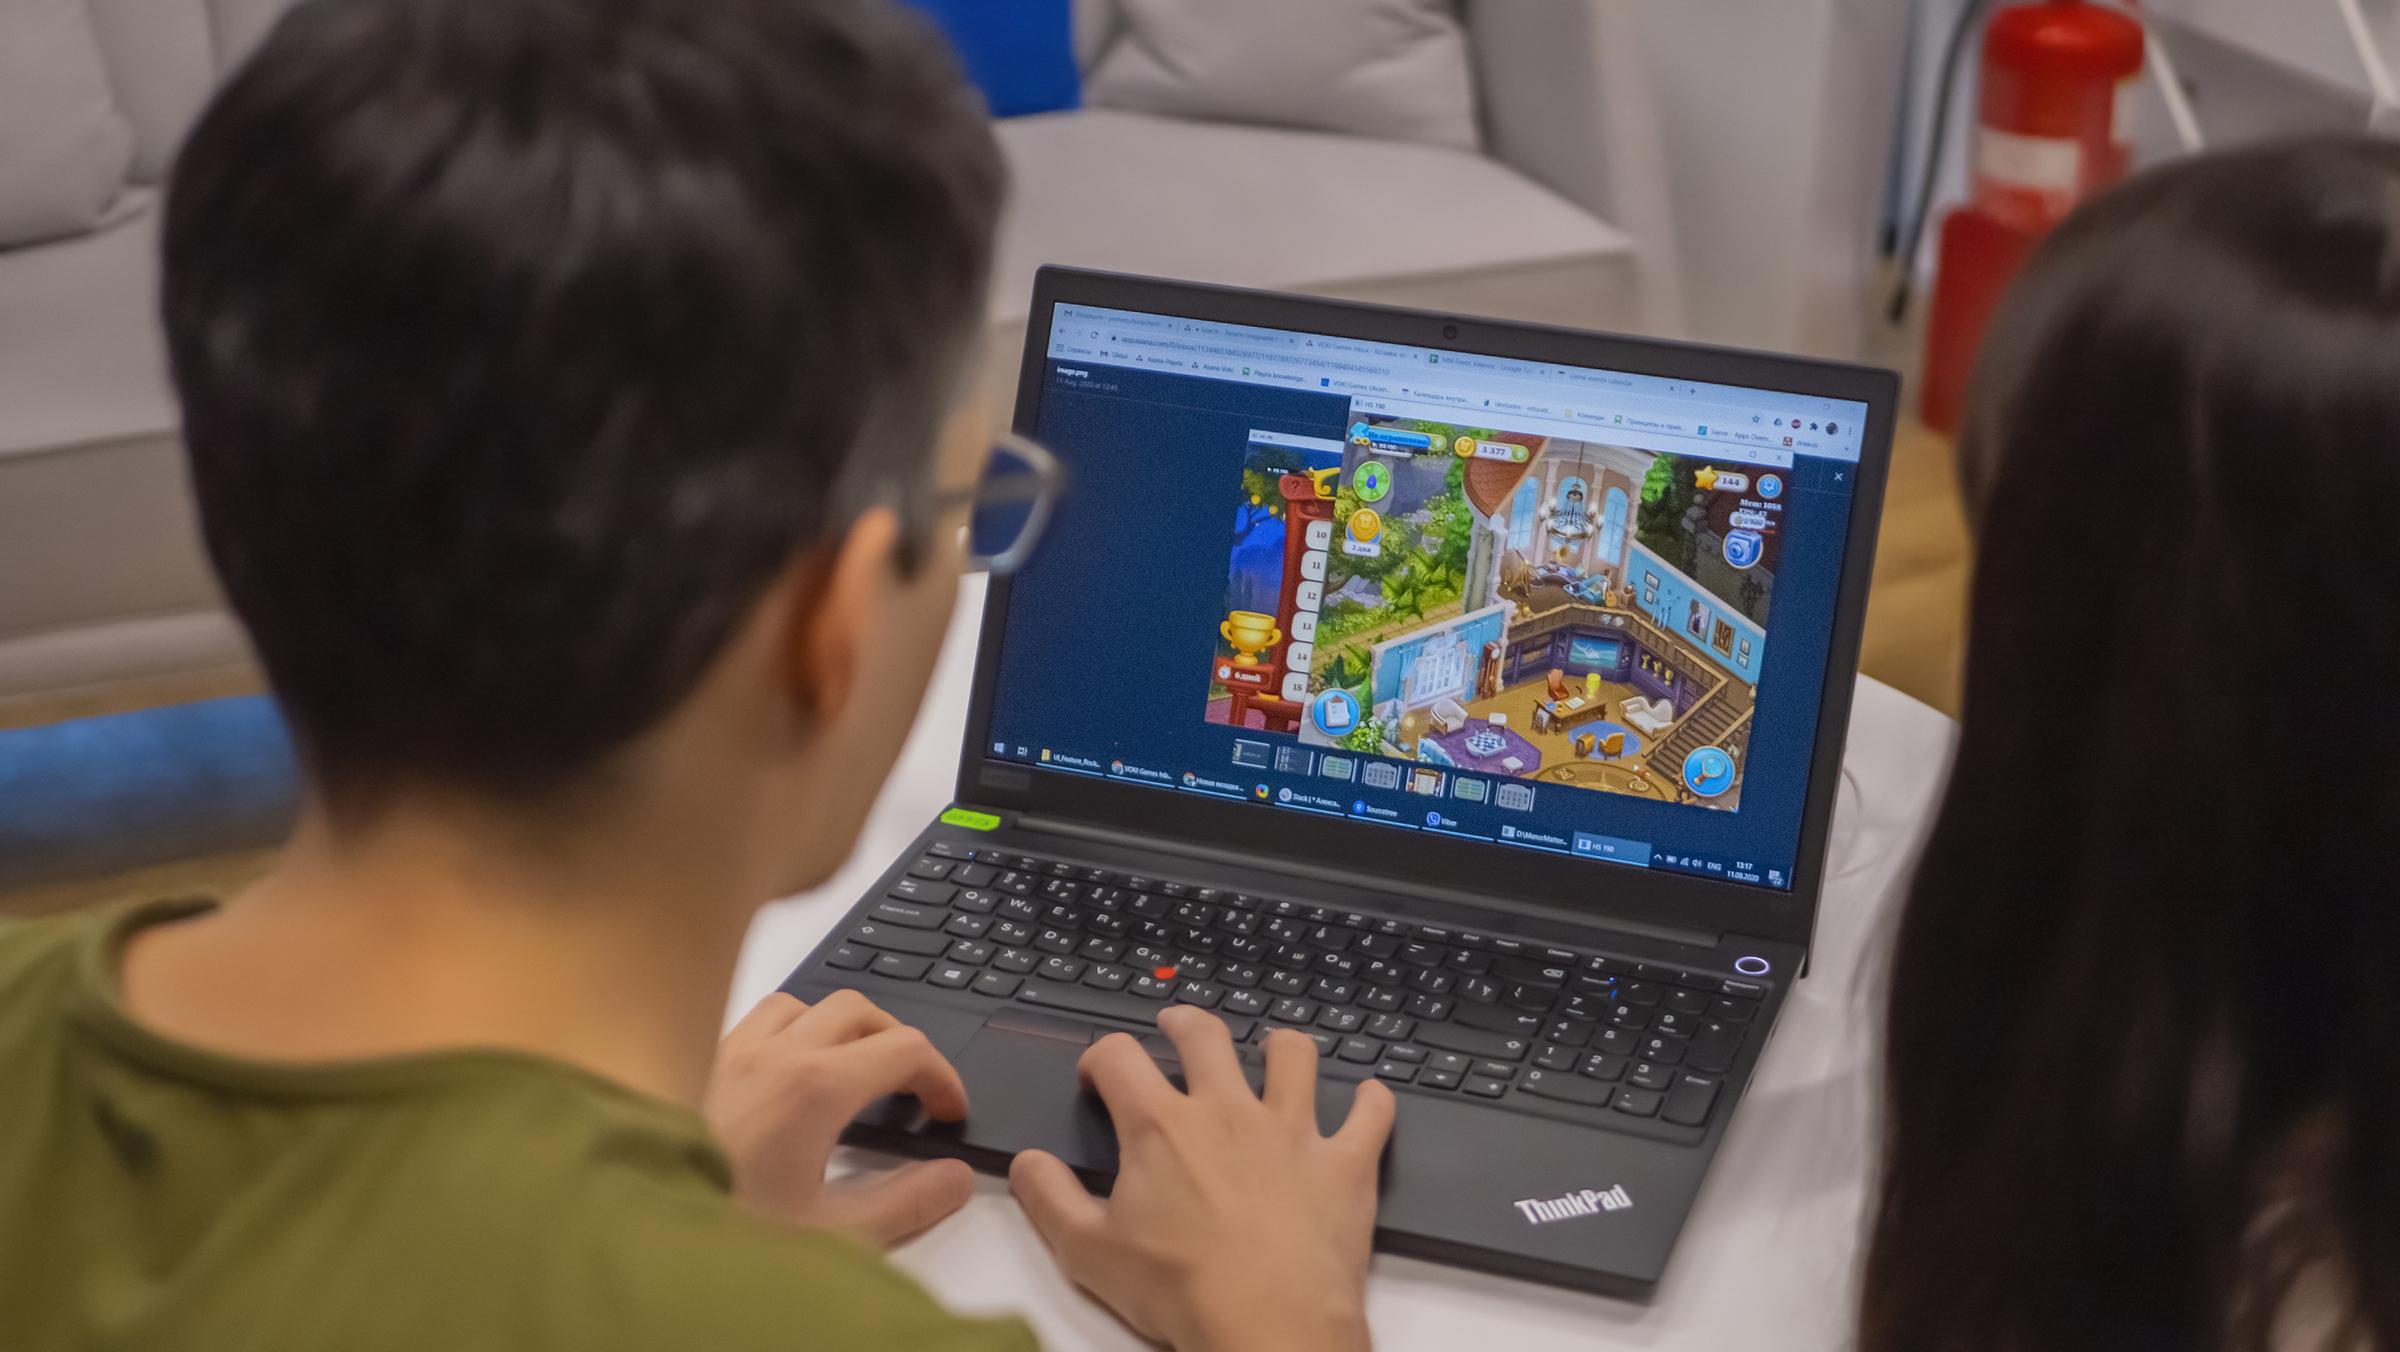 Разработка игр: 7 главных этапов создания мобильной free-to-play игры